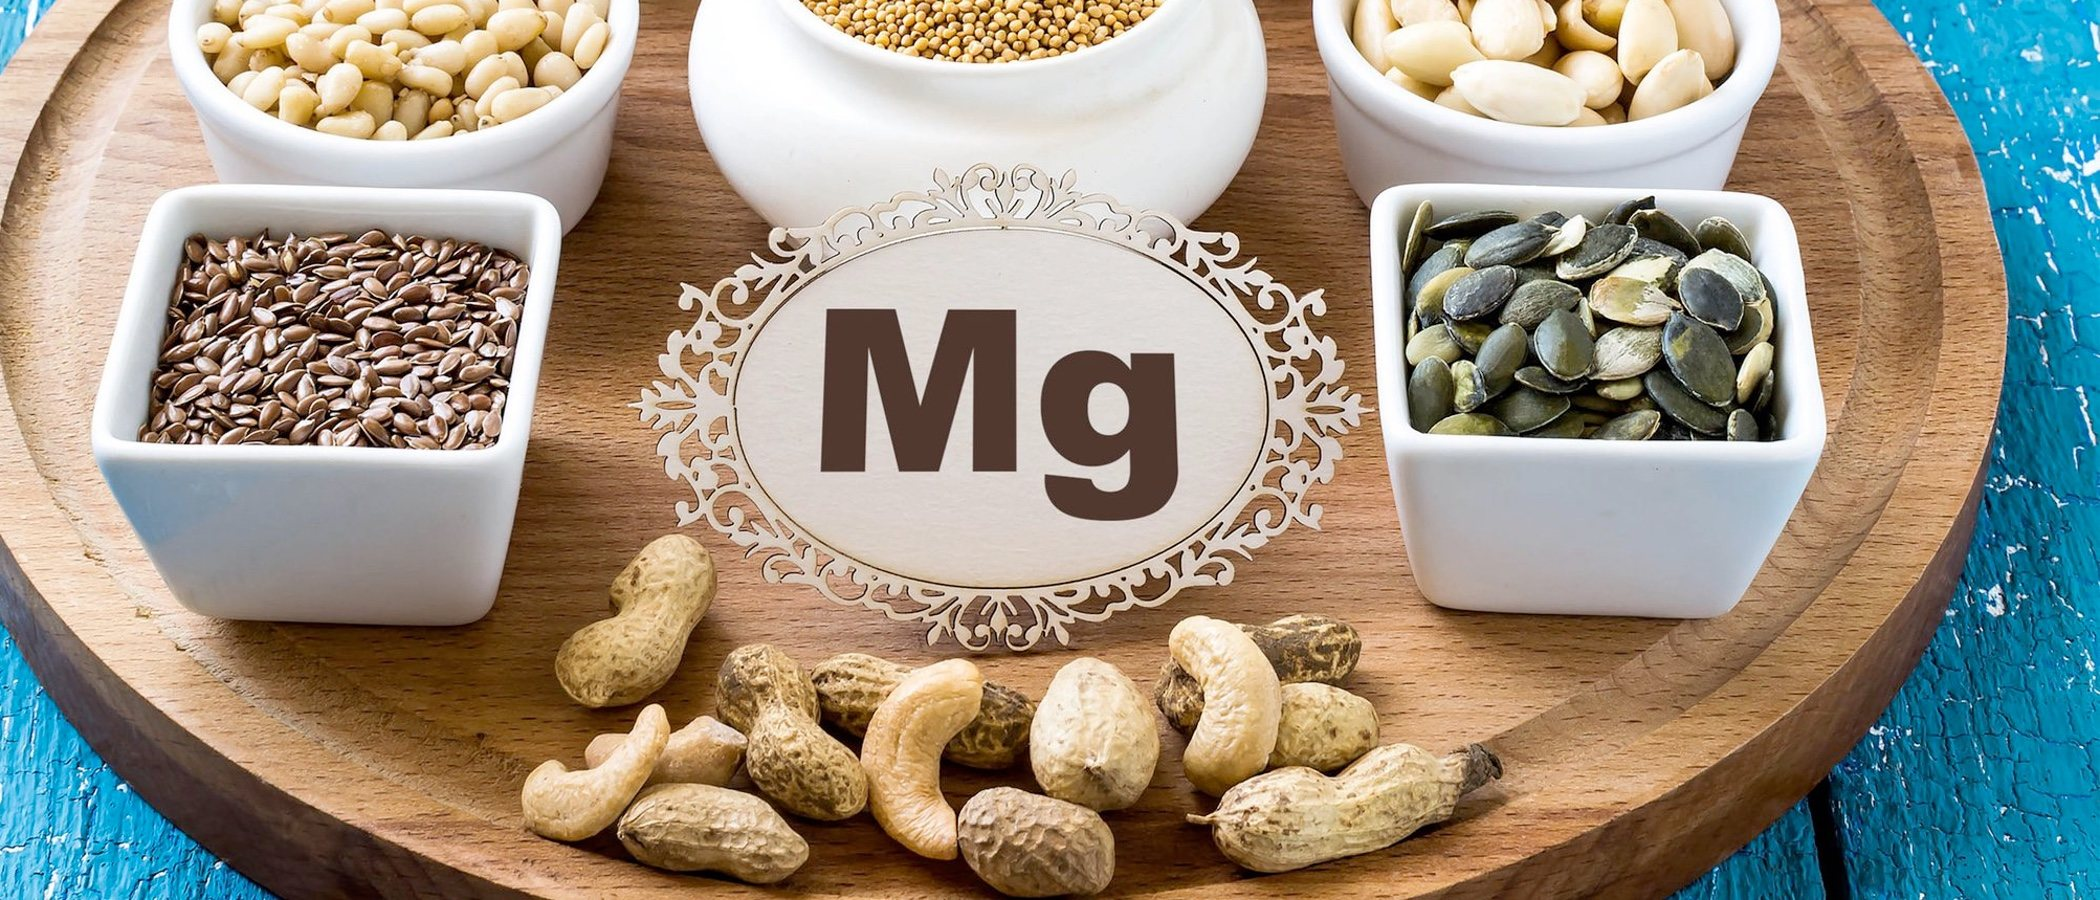 Beneficios del carbonato de magnesio